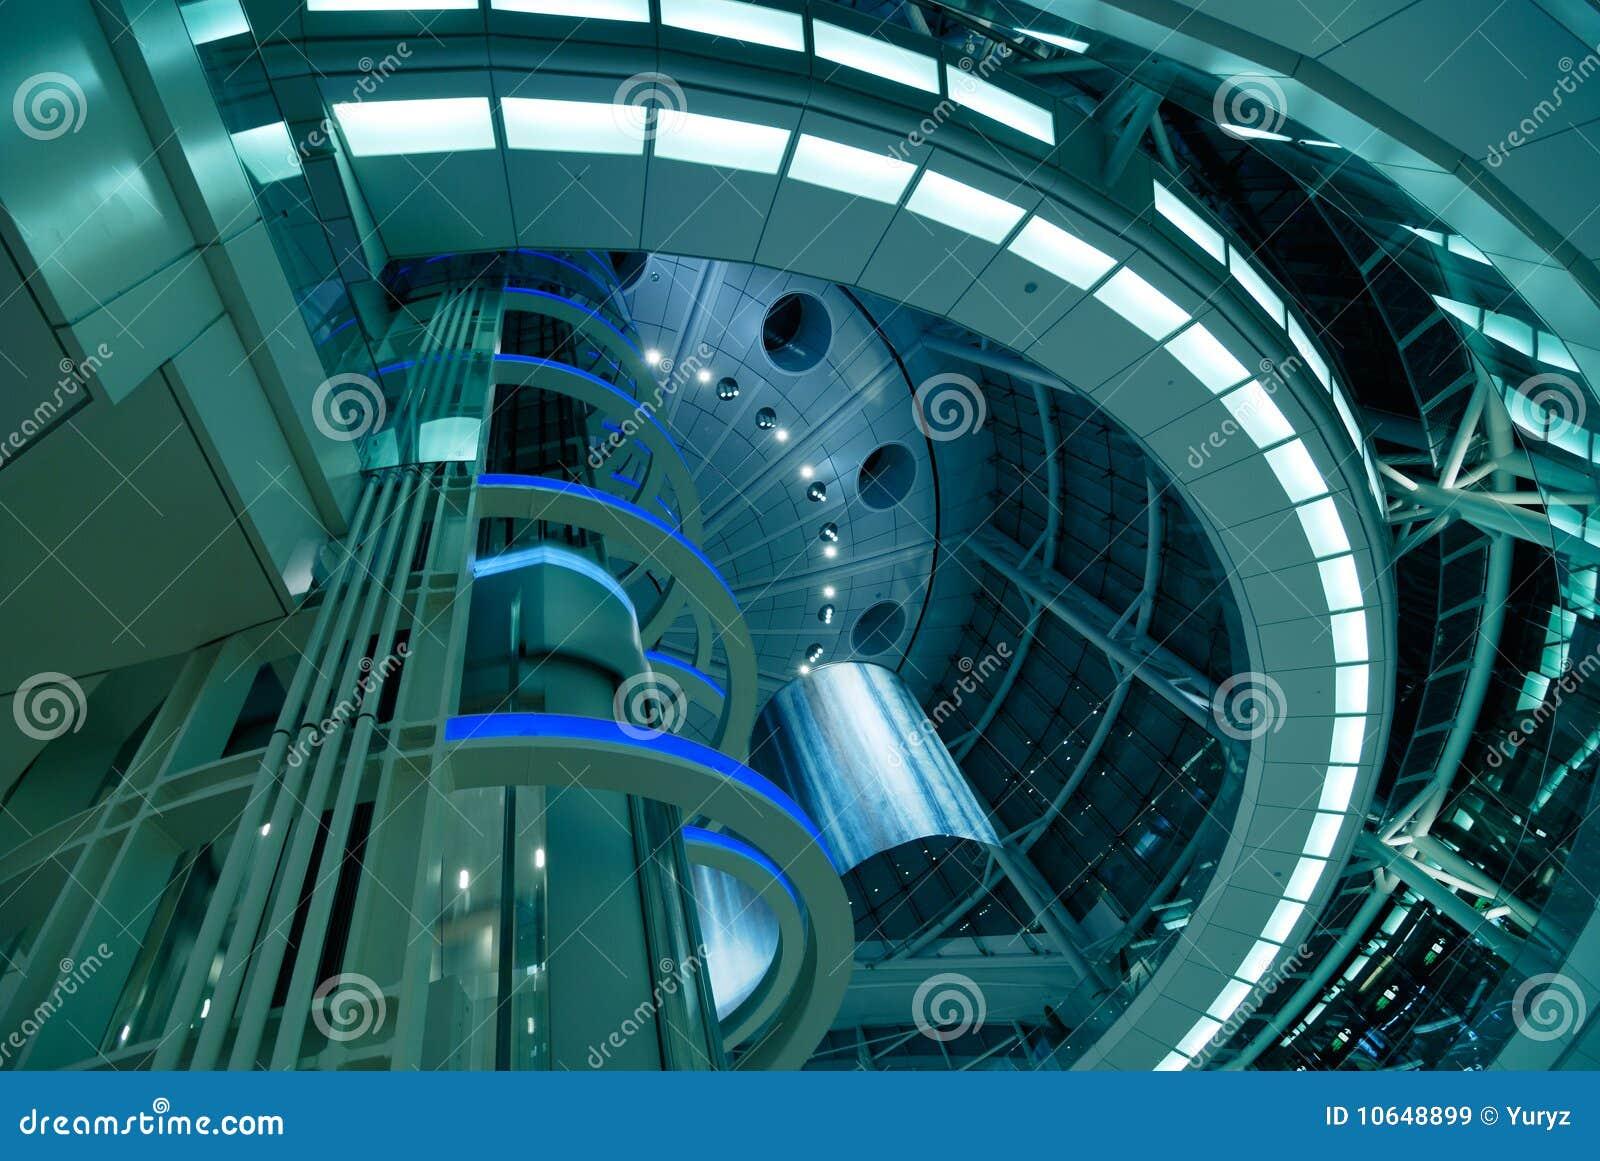 architecture futuriste images libres de droits image 10648899. Black Bedroom Furniture Sets. Home Design Ideas